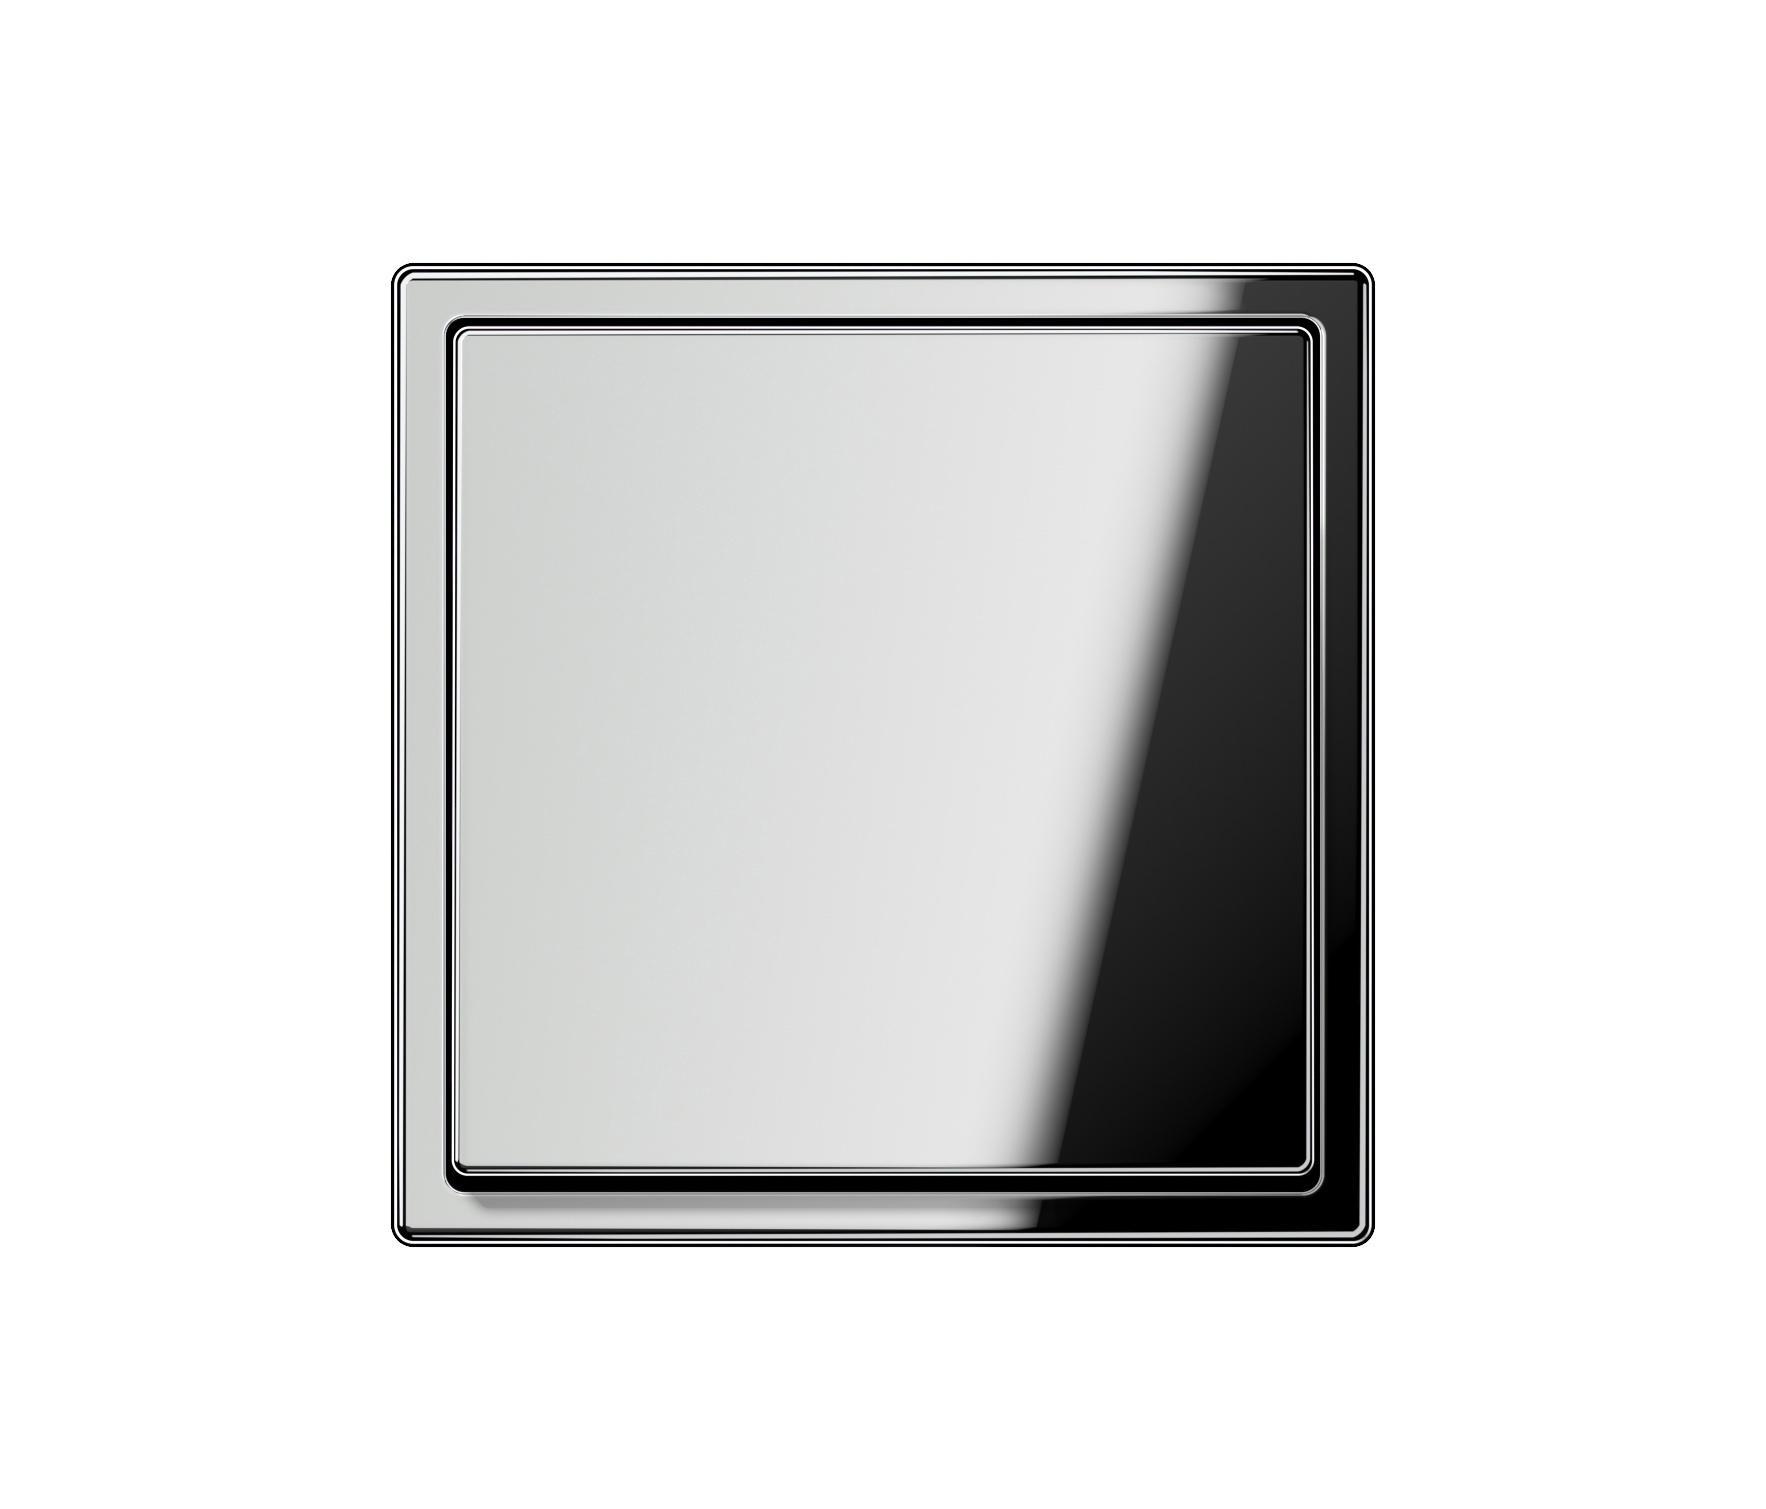 ls 990 ganzchrom schalter wippschalter von jung architonic. Black Bedroom Furniture Sets. Home Design Ideas